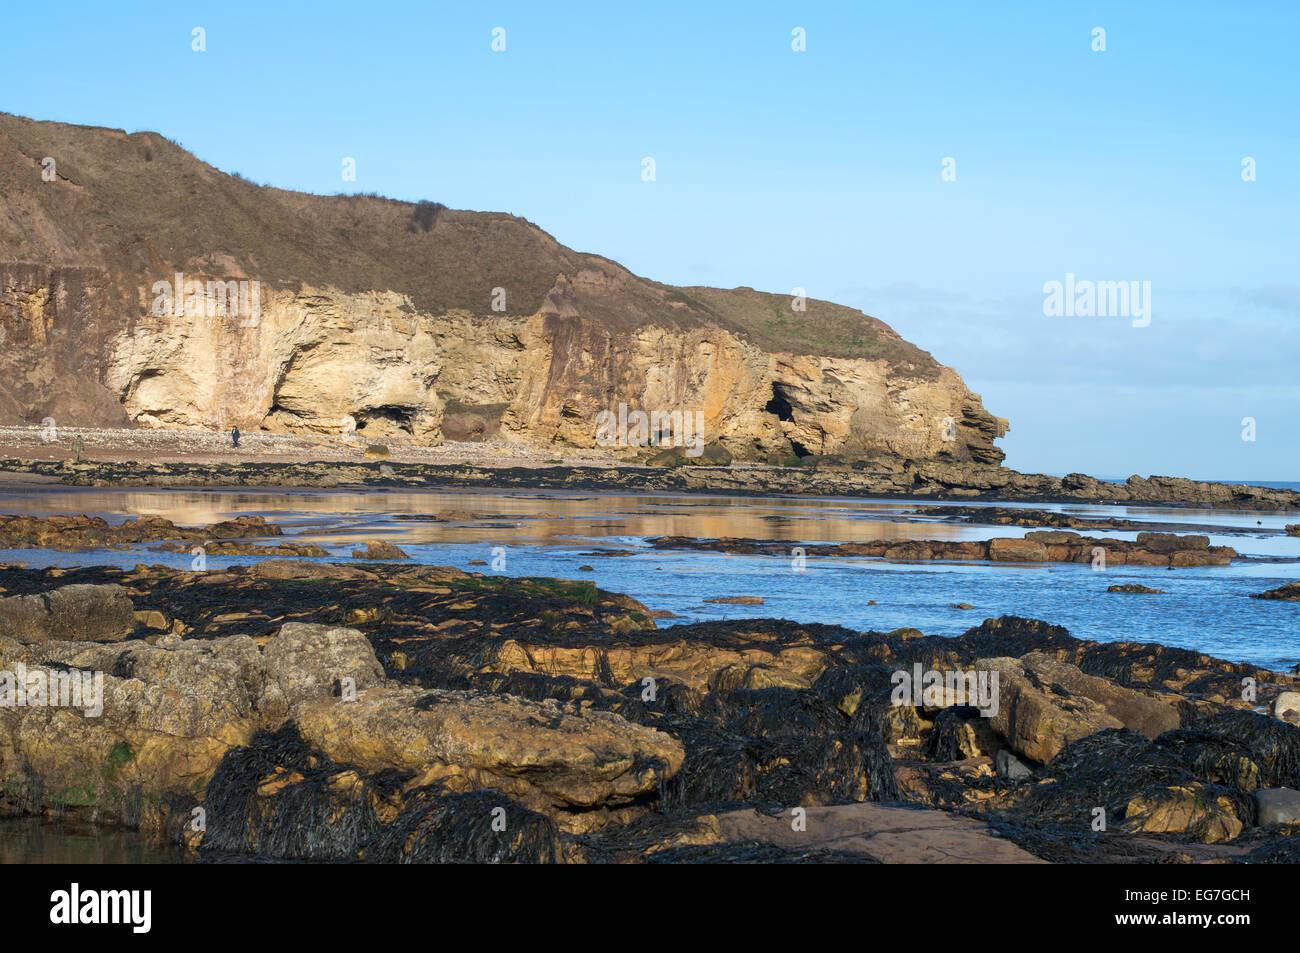 Blackhall Rocks County Durham coast, England, UK - Stock Image